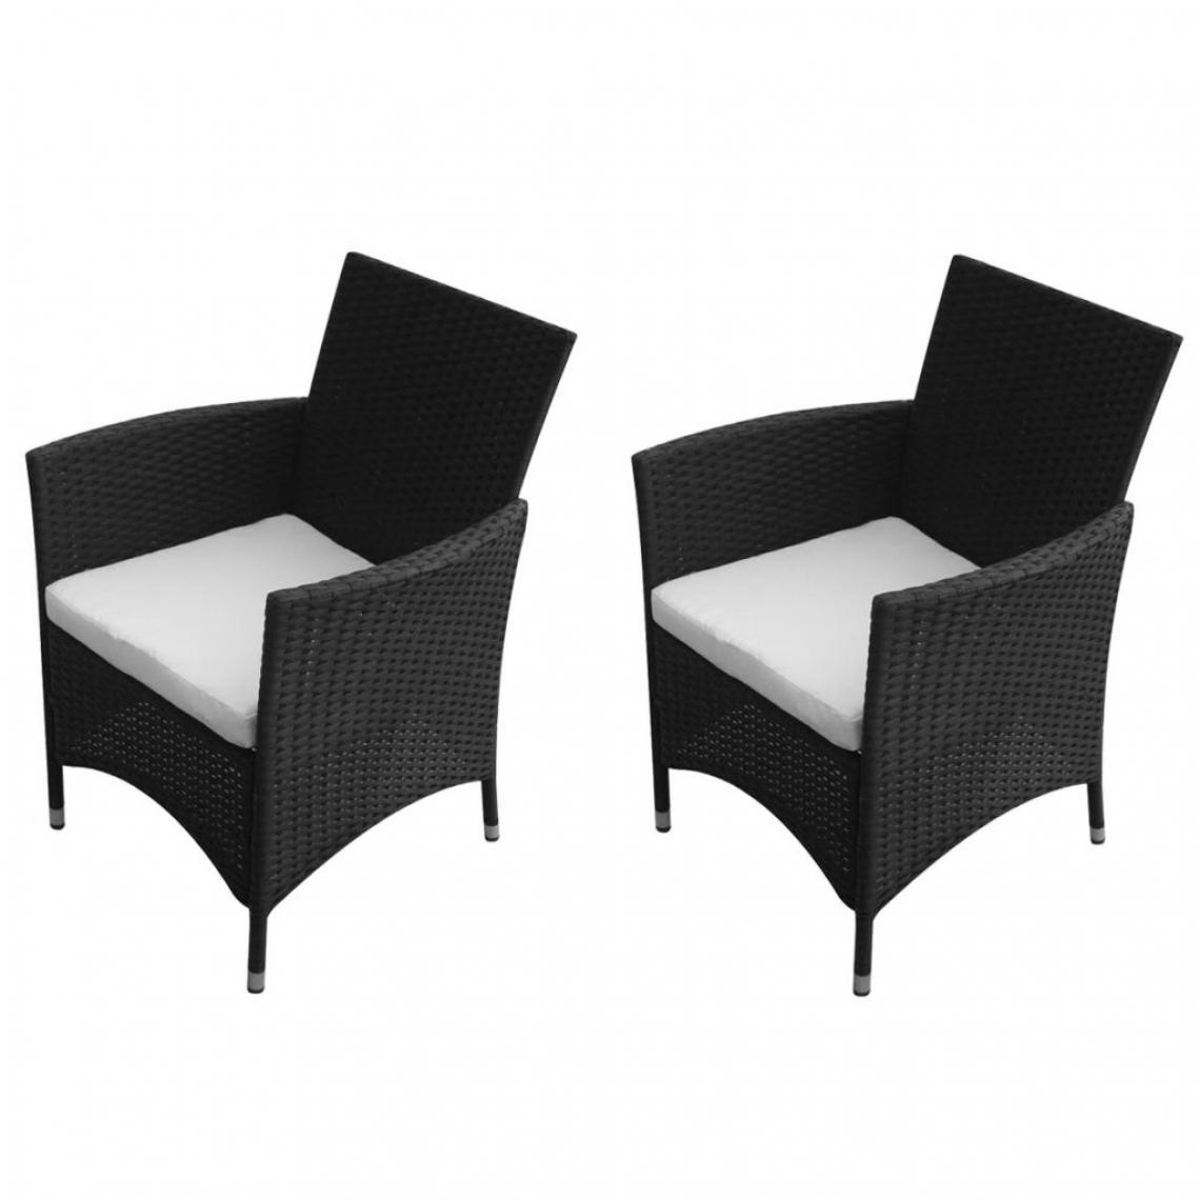 Vidaxl Chaises de jardin 2 pièces Rotin synthétique Noir - Noir